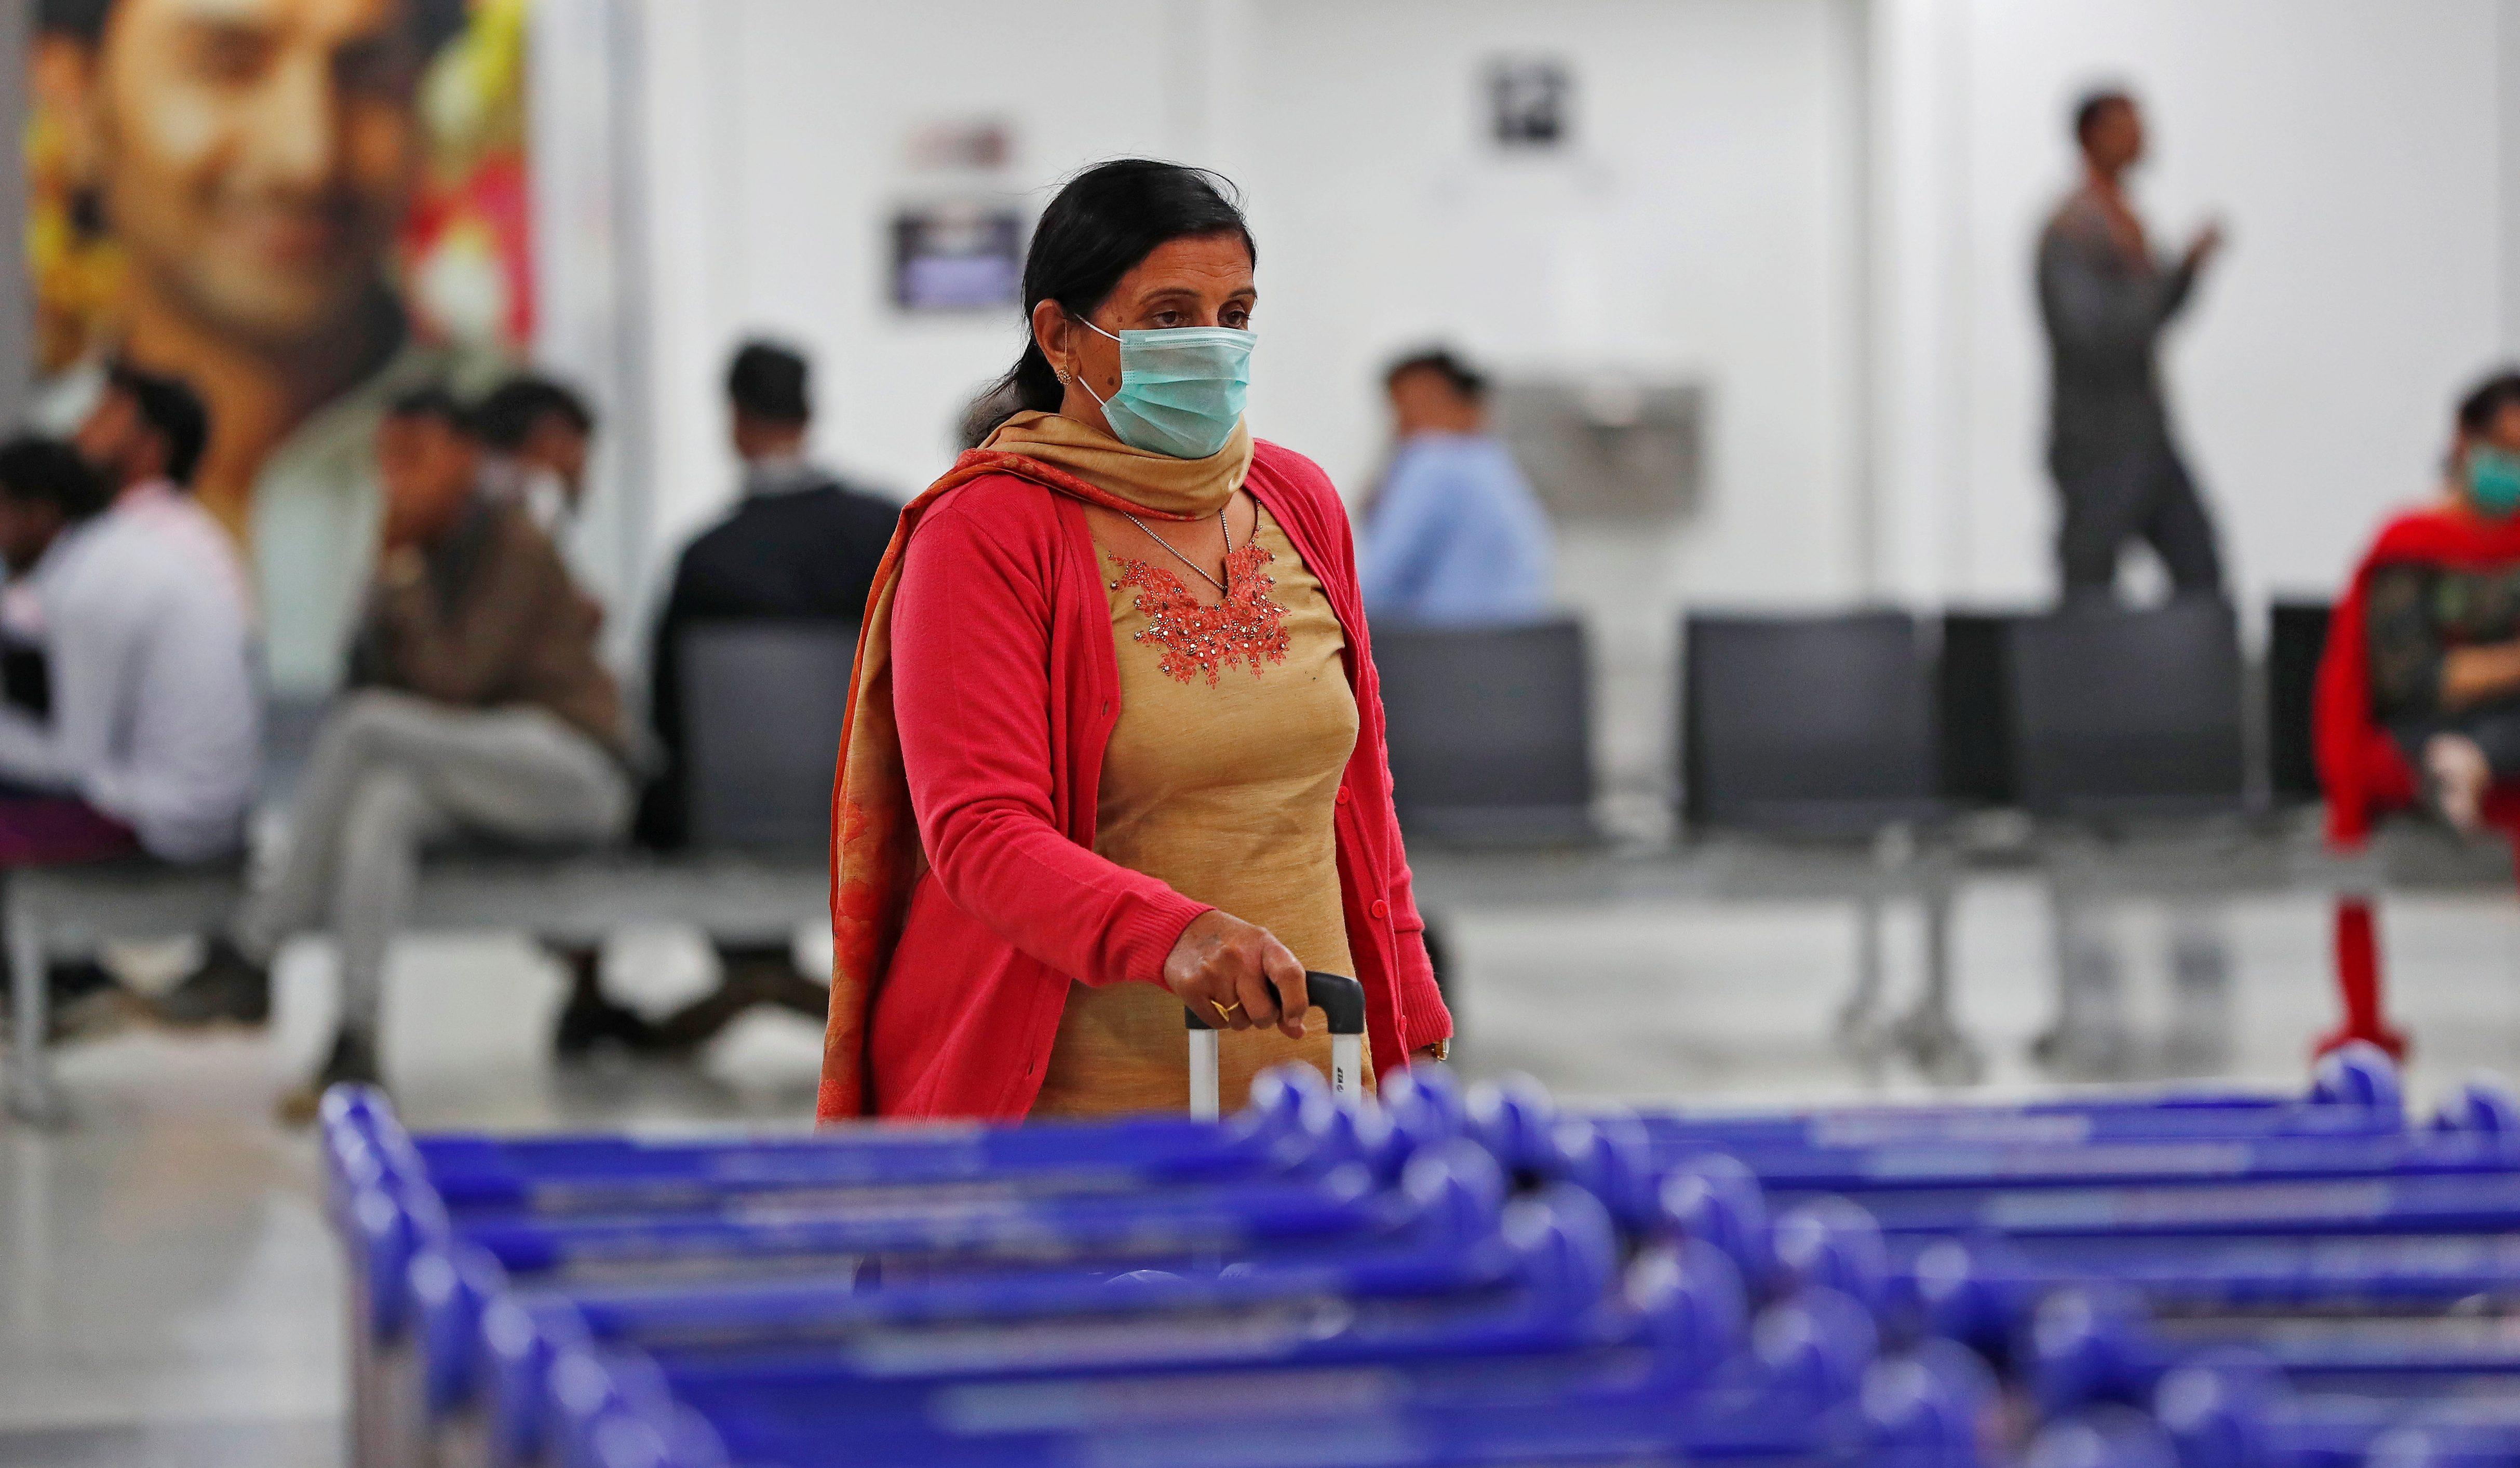 पटना से गो एयर की 3 नई उड़ानें 1 जून से, इन 4 मेट्रो शहरों के लिए शुरू होगी फ्लाइट